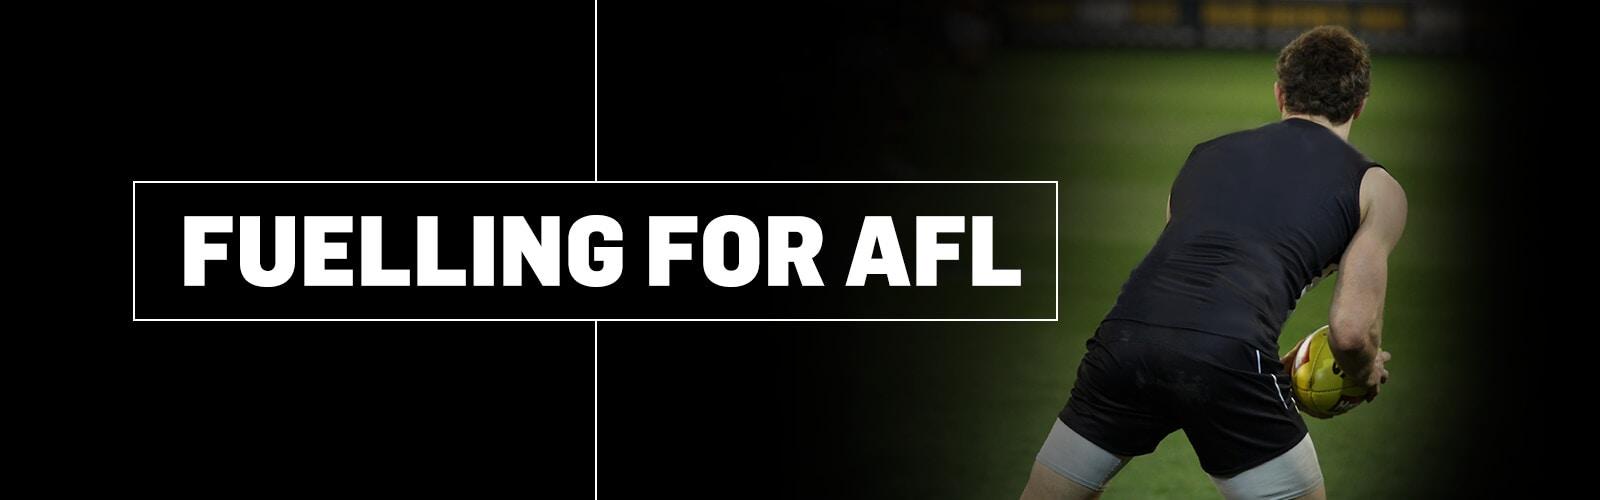 FUELLING FOR AFL